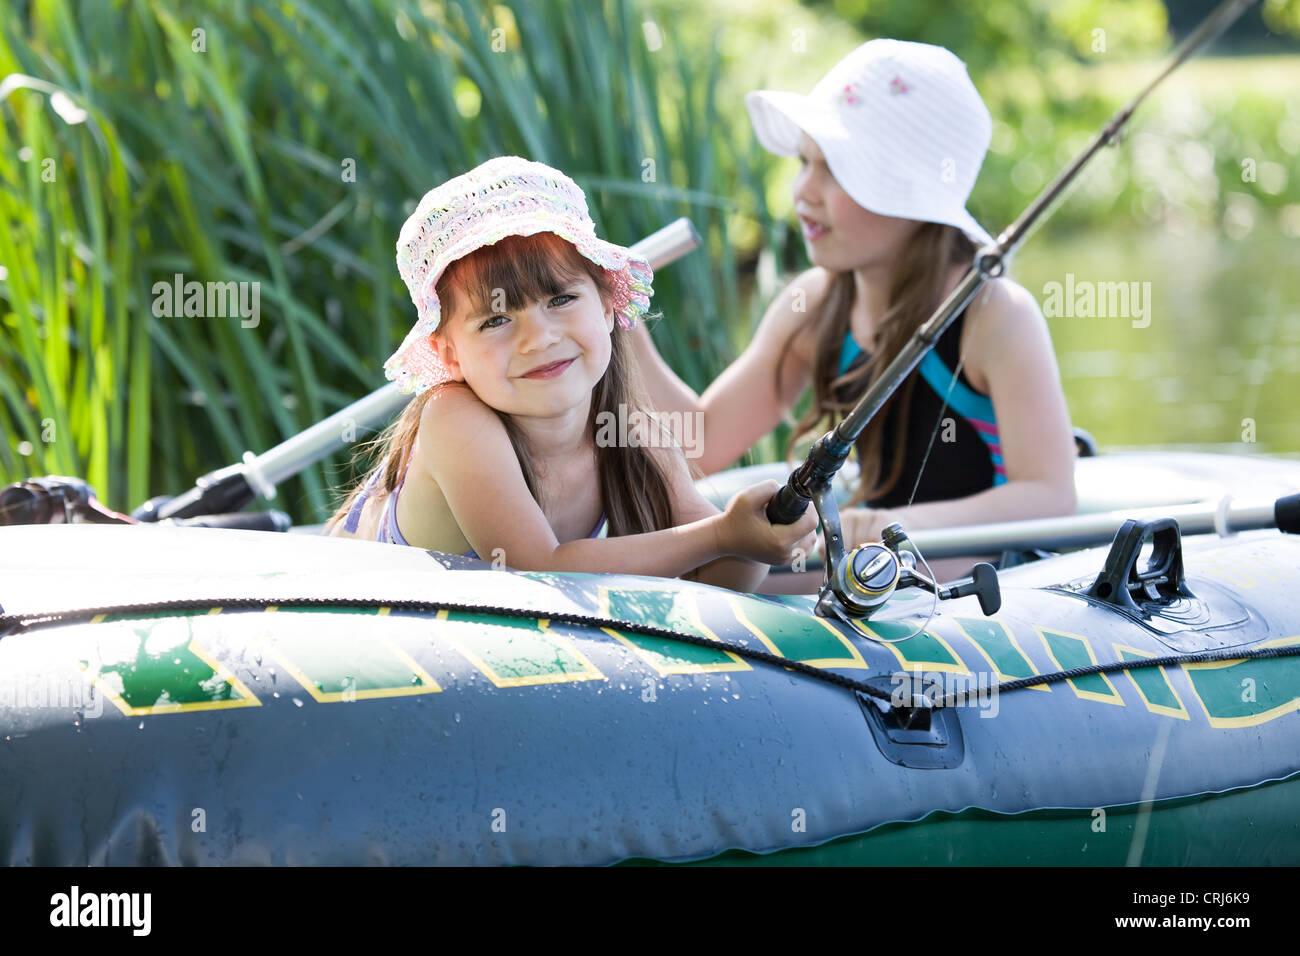 Bambine di pesca sul lago in estate Immagini Stock